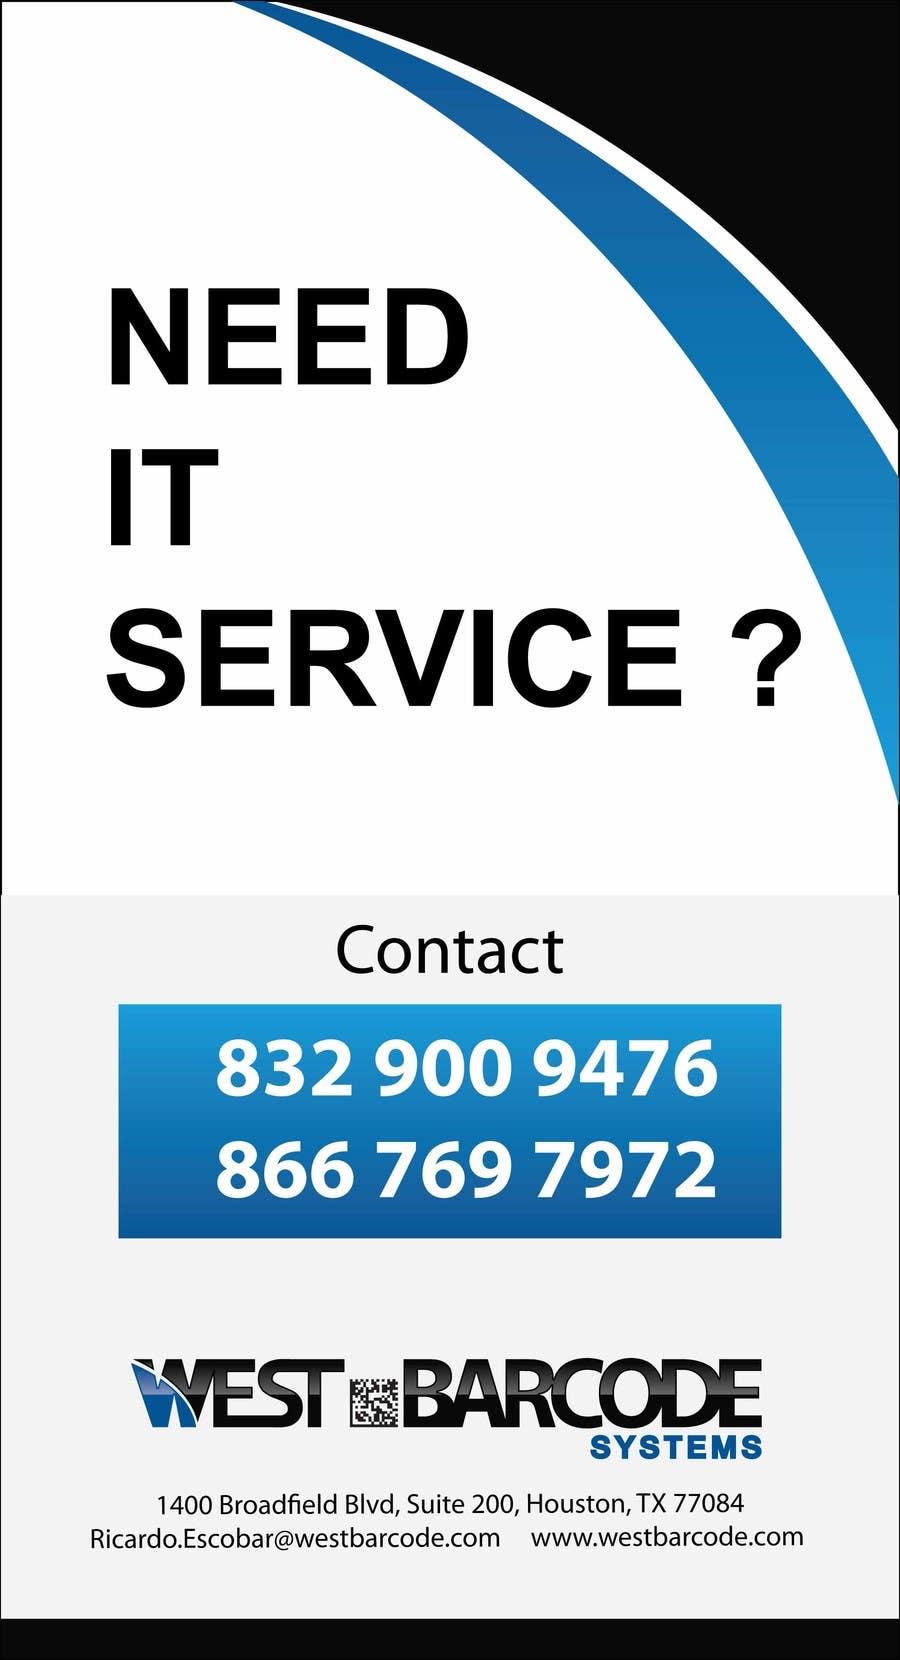 Penyertaan Peraduan #9 untuk Design advertisement for IT onsite service.